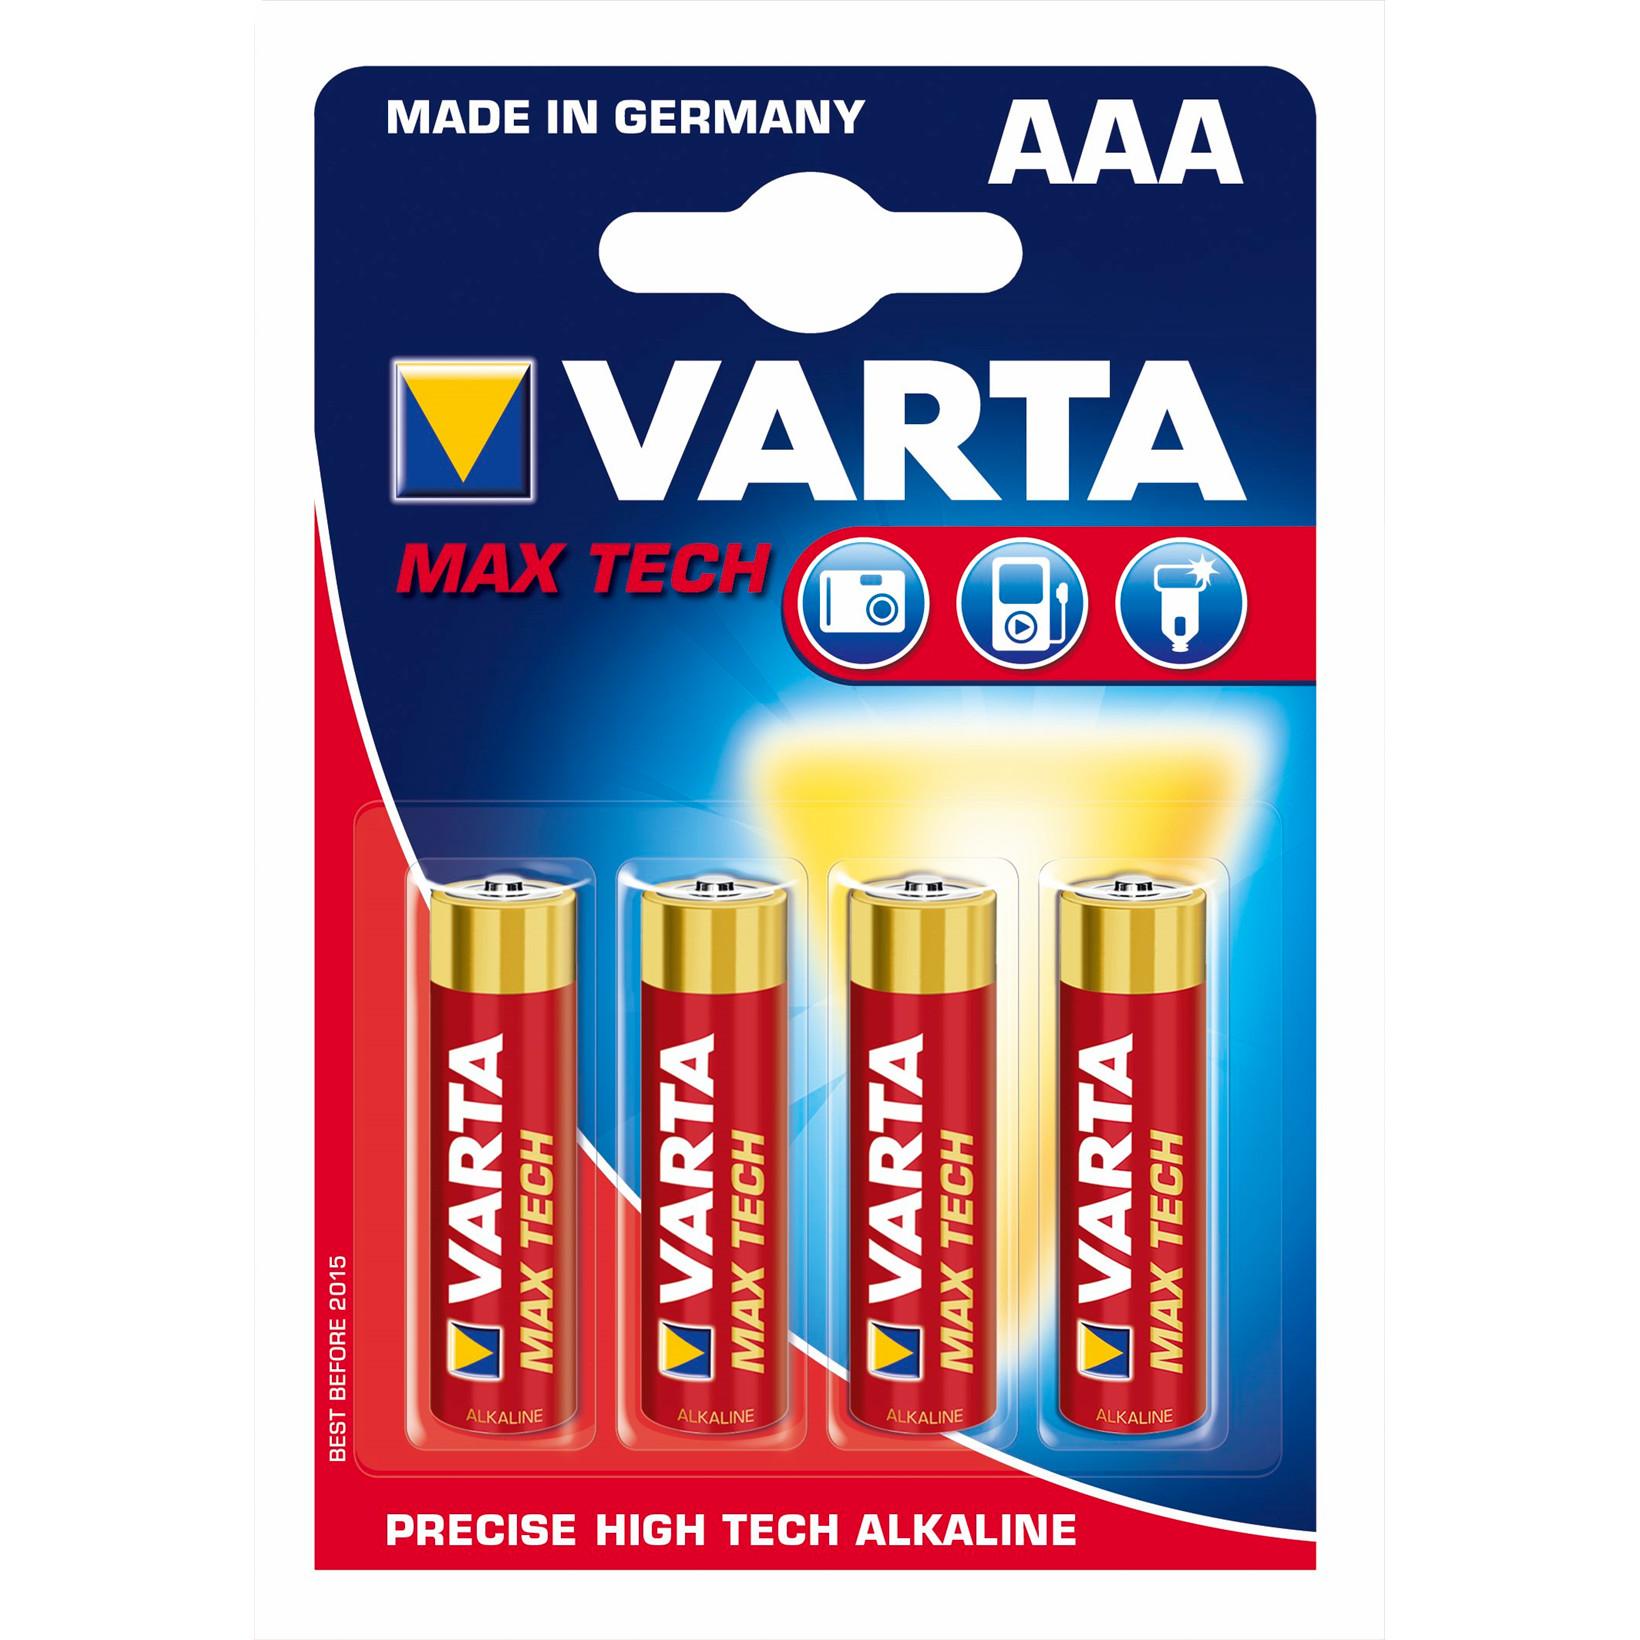 Batteri Max Tech Varta  - 4703 Micro LR 3 AAA 4 stk i en pak